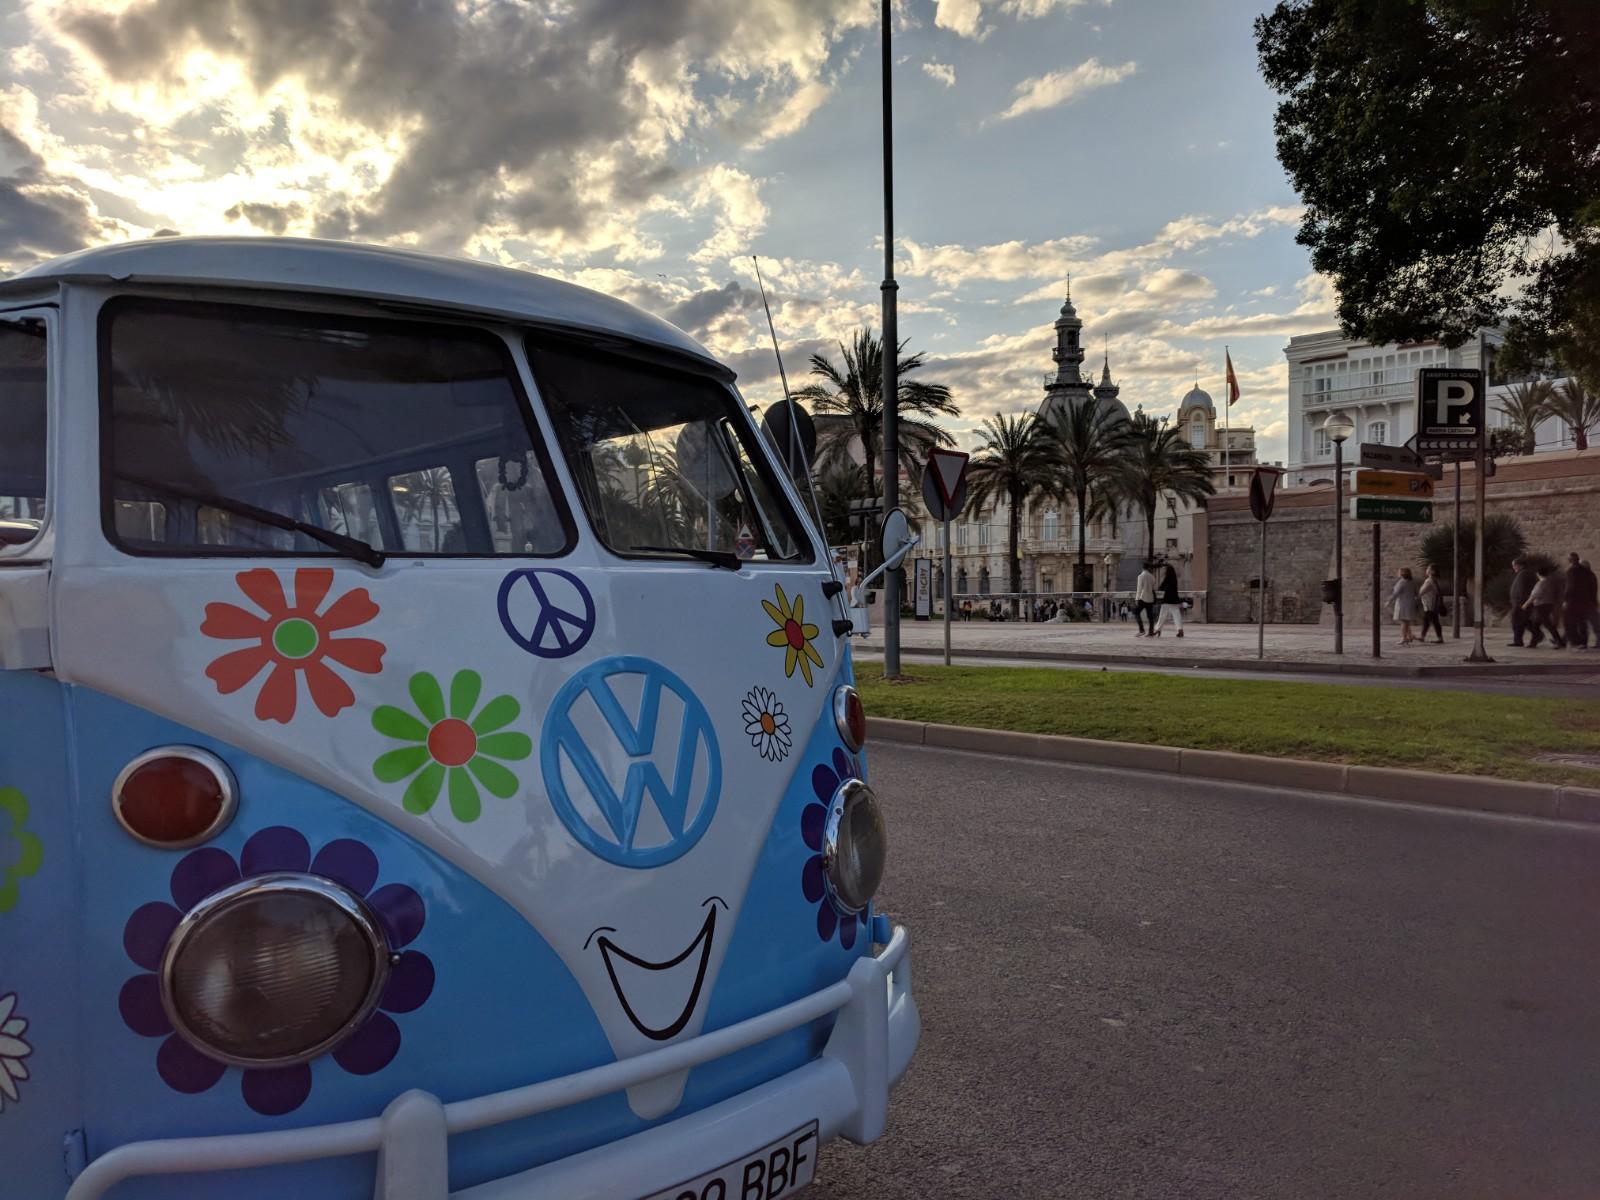 alquiler furgoneta bodas murcia-primot1s